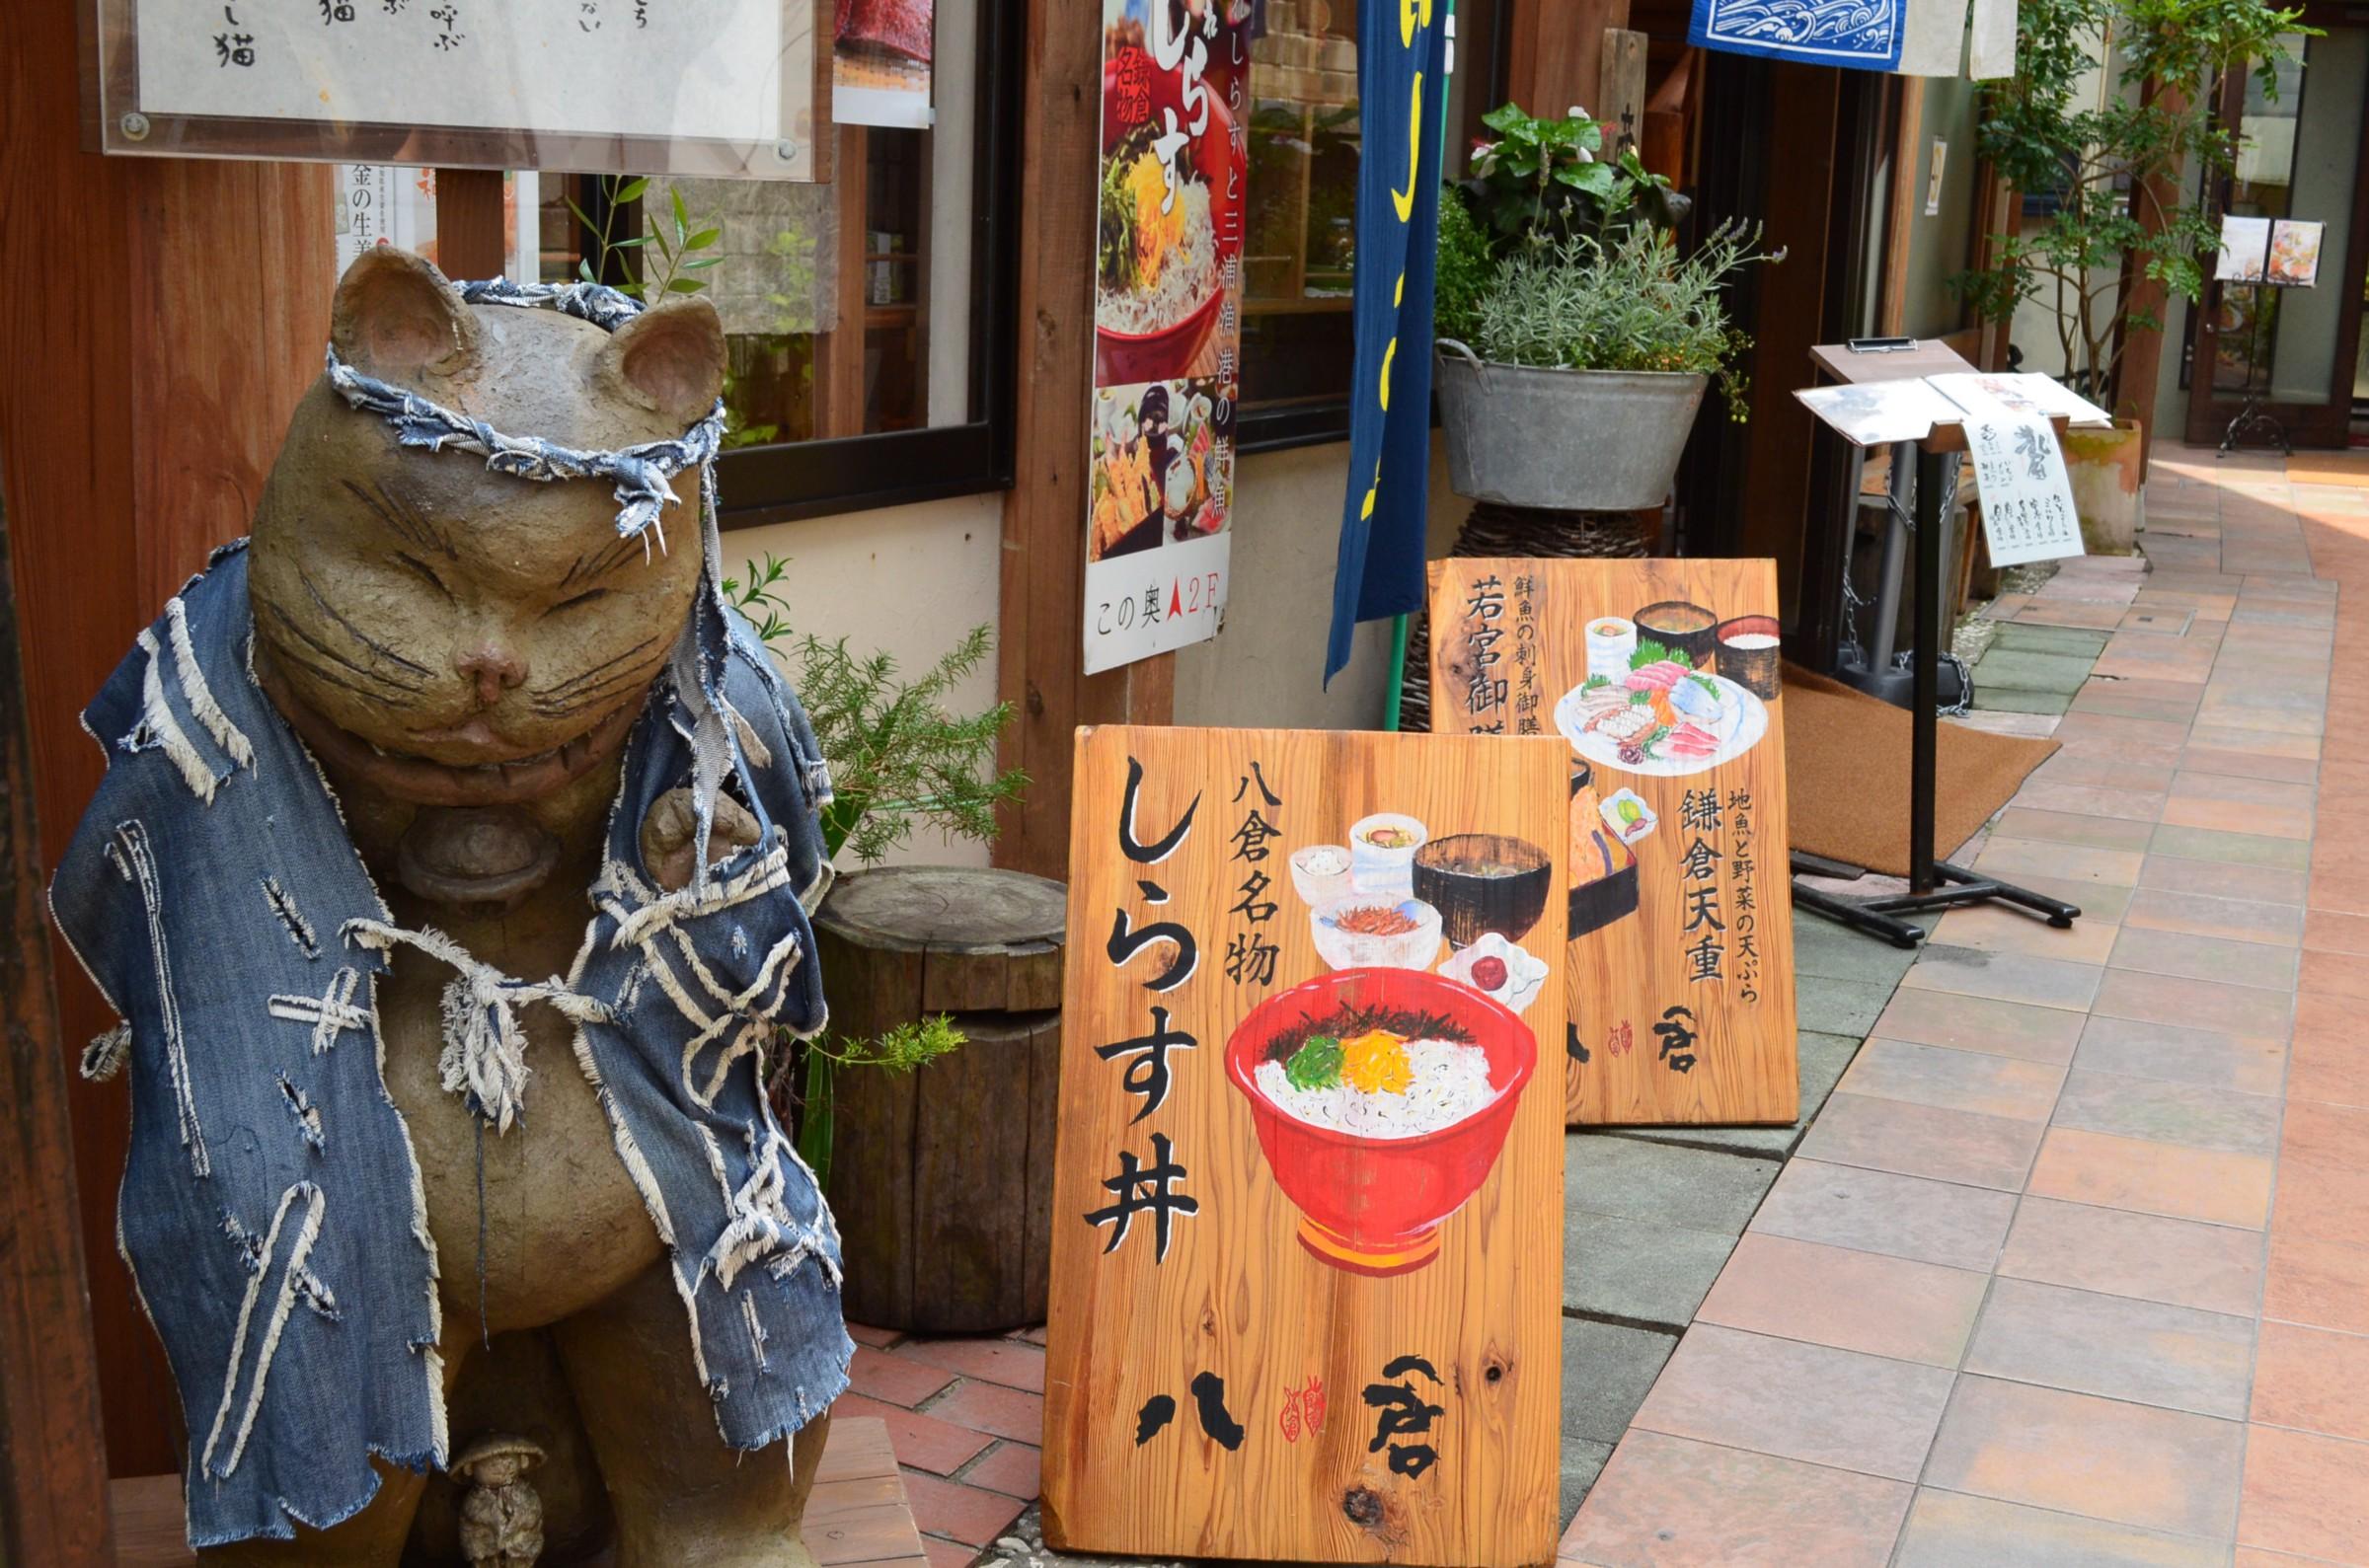 چرا برخی از مردم ژاپن غذا خوردن هنگام راه رفتن را نشانه بی ادبی می دانند؟